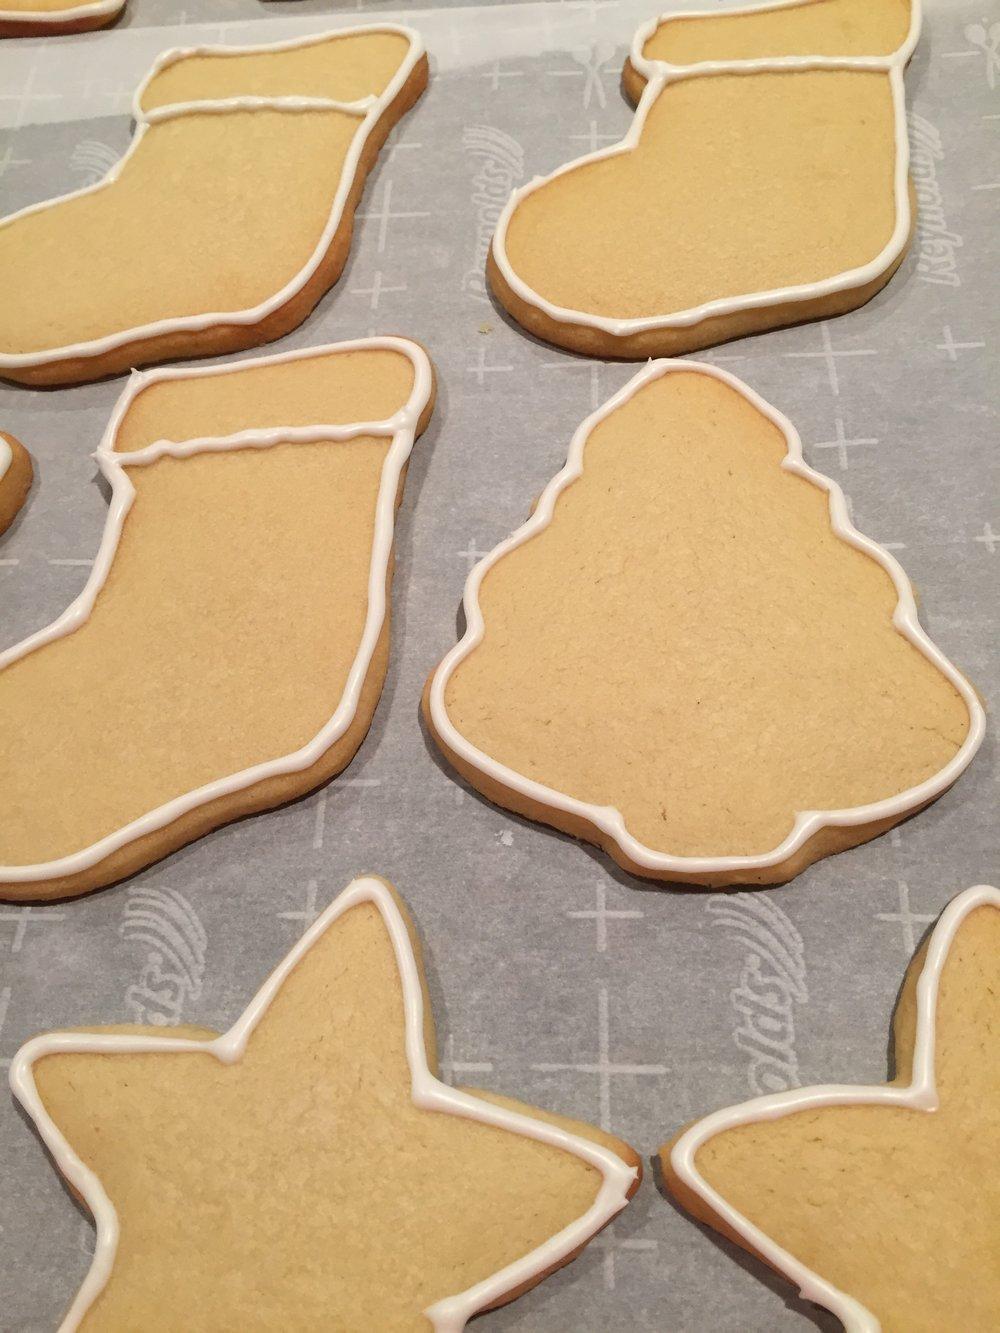 royal icing with lemon juice sugar cookies